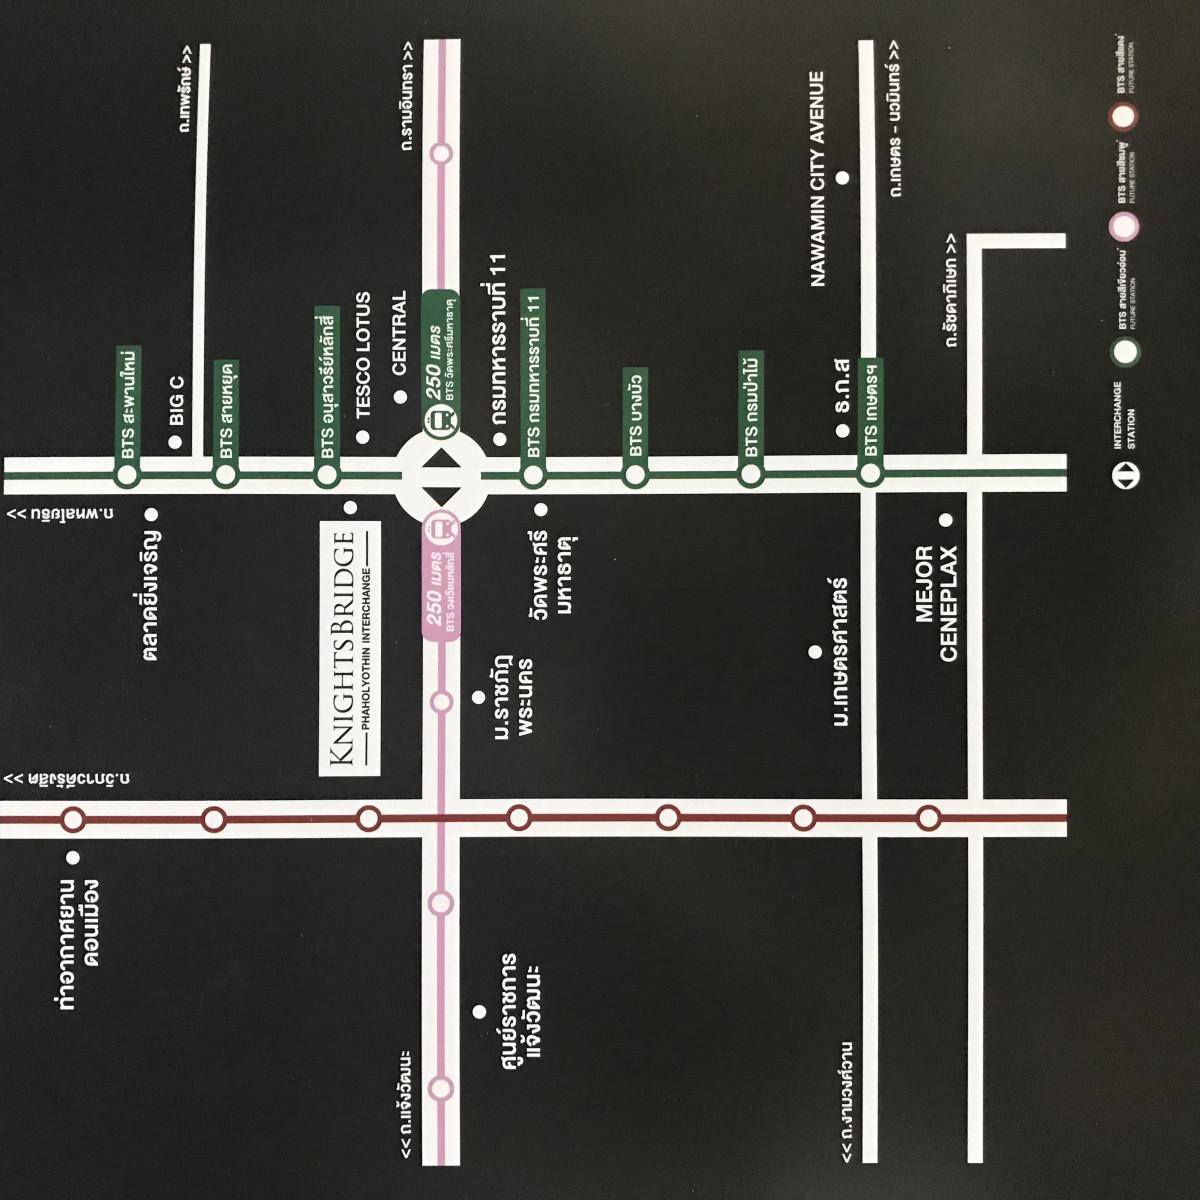 รูปของประกาศขายดาวน์คอนโดKnightsbridge พหลโยธิน อินเตอร์เชนจ์(1 ห้องนอน)(4)